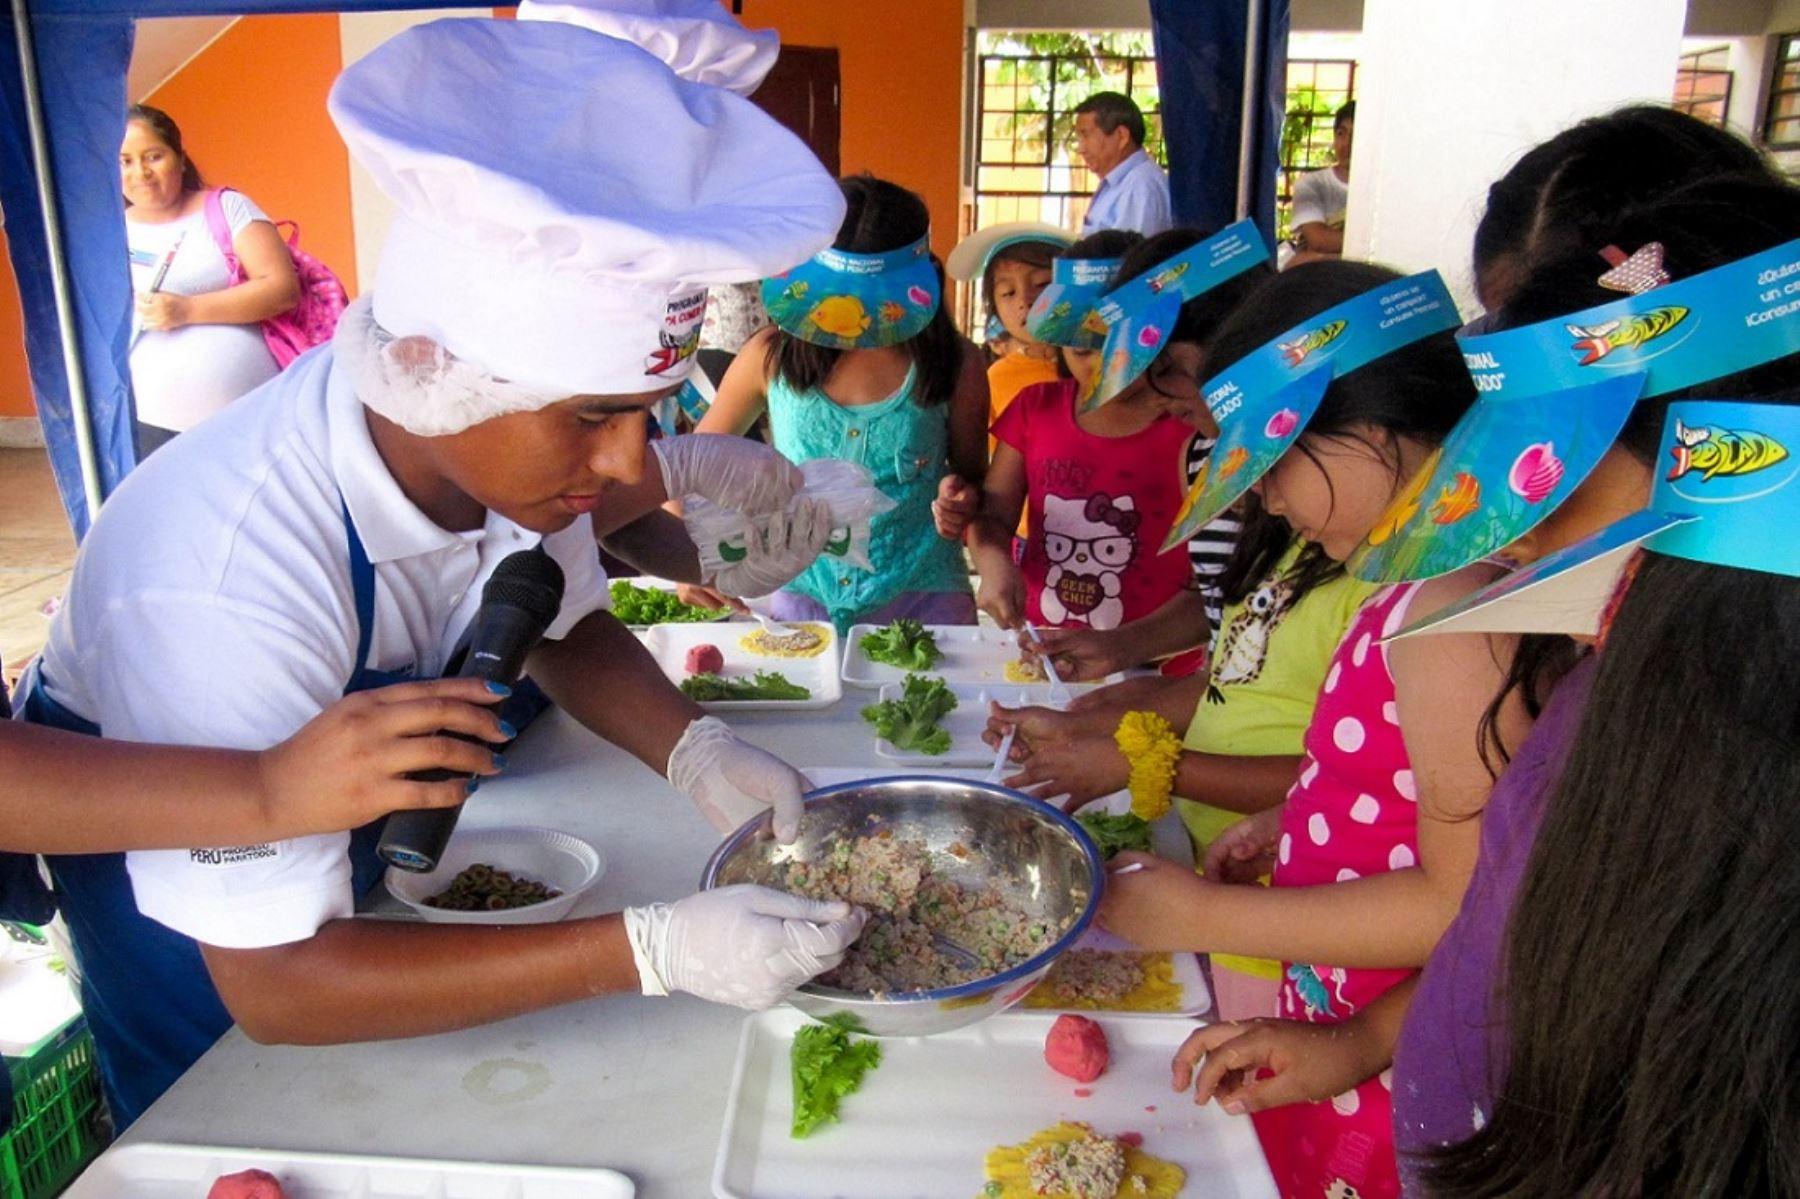 Los niños que comen pescado, por lo menos una vez a la semana, tienen un aumento en sus niveles de inteligencia, según estudios. Foto: Difusión.